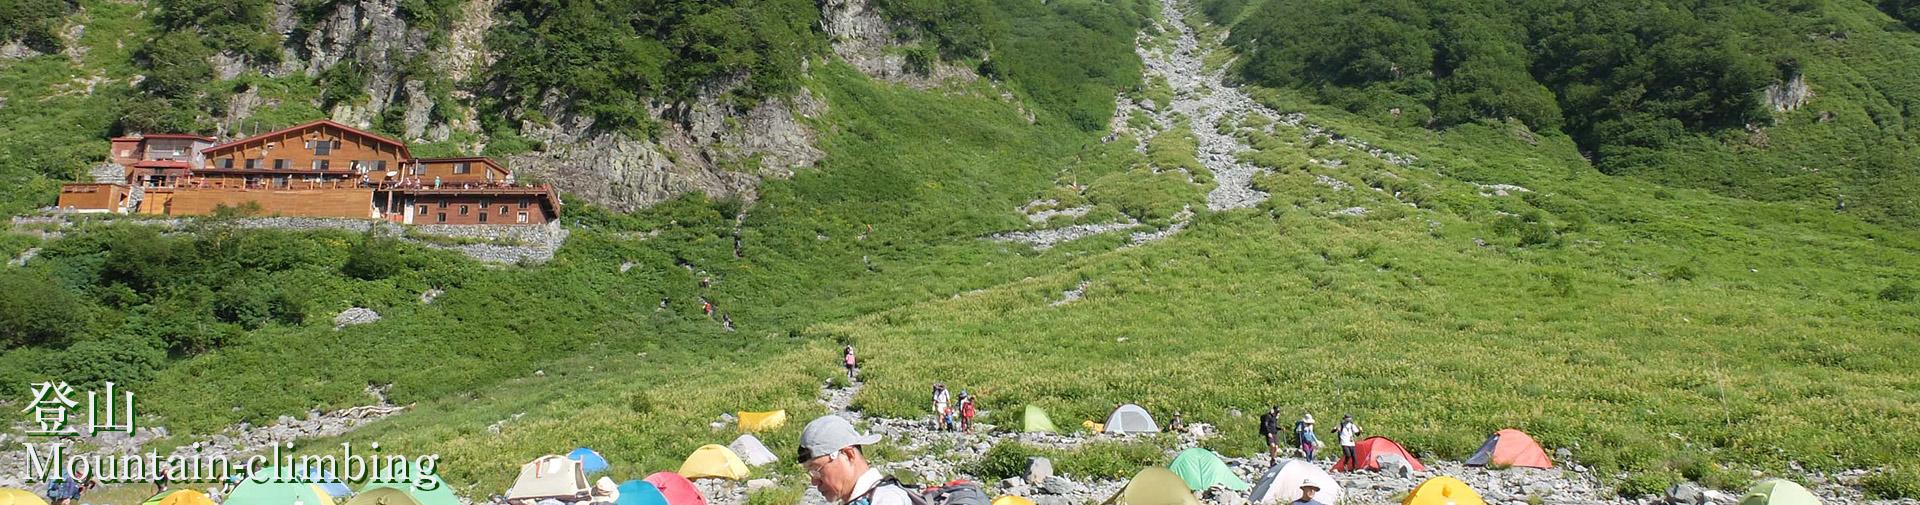 登山 | アウトドアショップWOODY